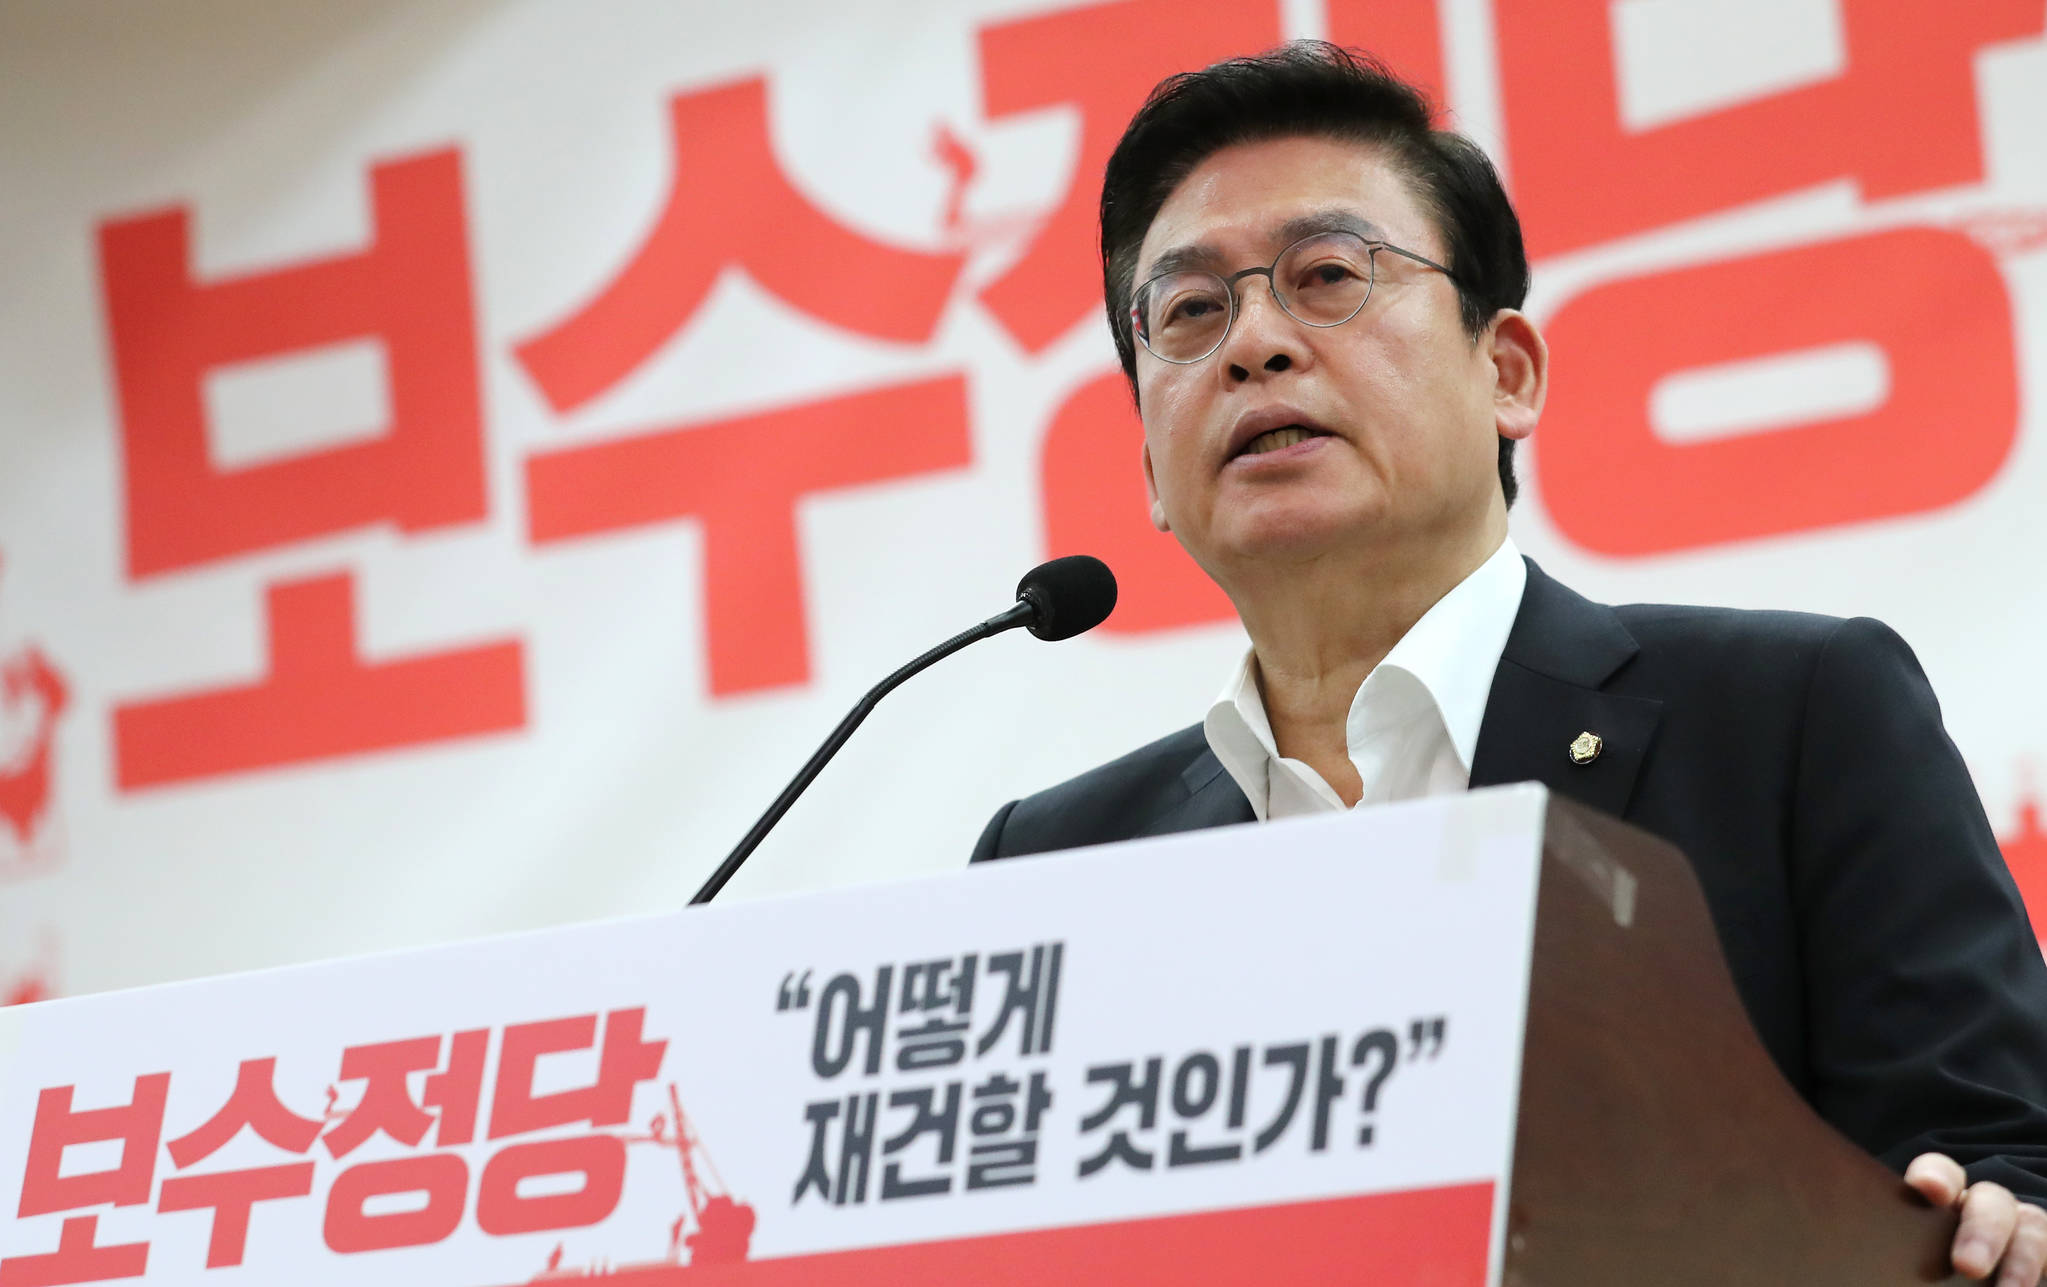 정우택 자유한국당 의원이 11일 오전 국회 의원회관에서 열린 보수정당 '어떻게 재건할 것인가?' 세미나에서 환영사 하고 있다. [연합뉴스]